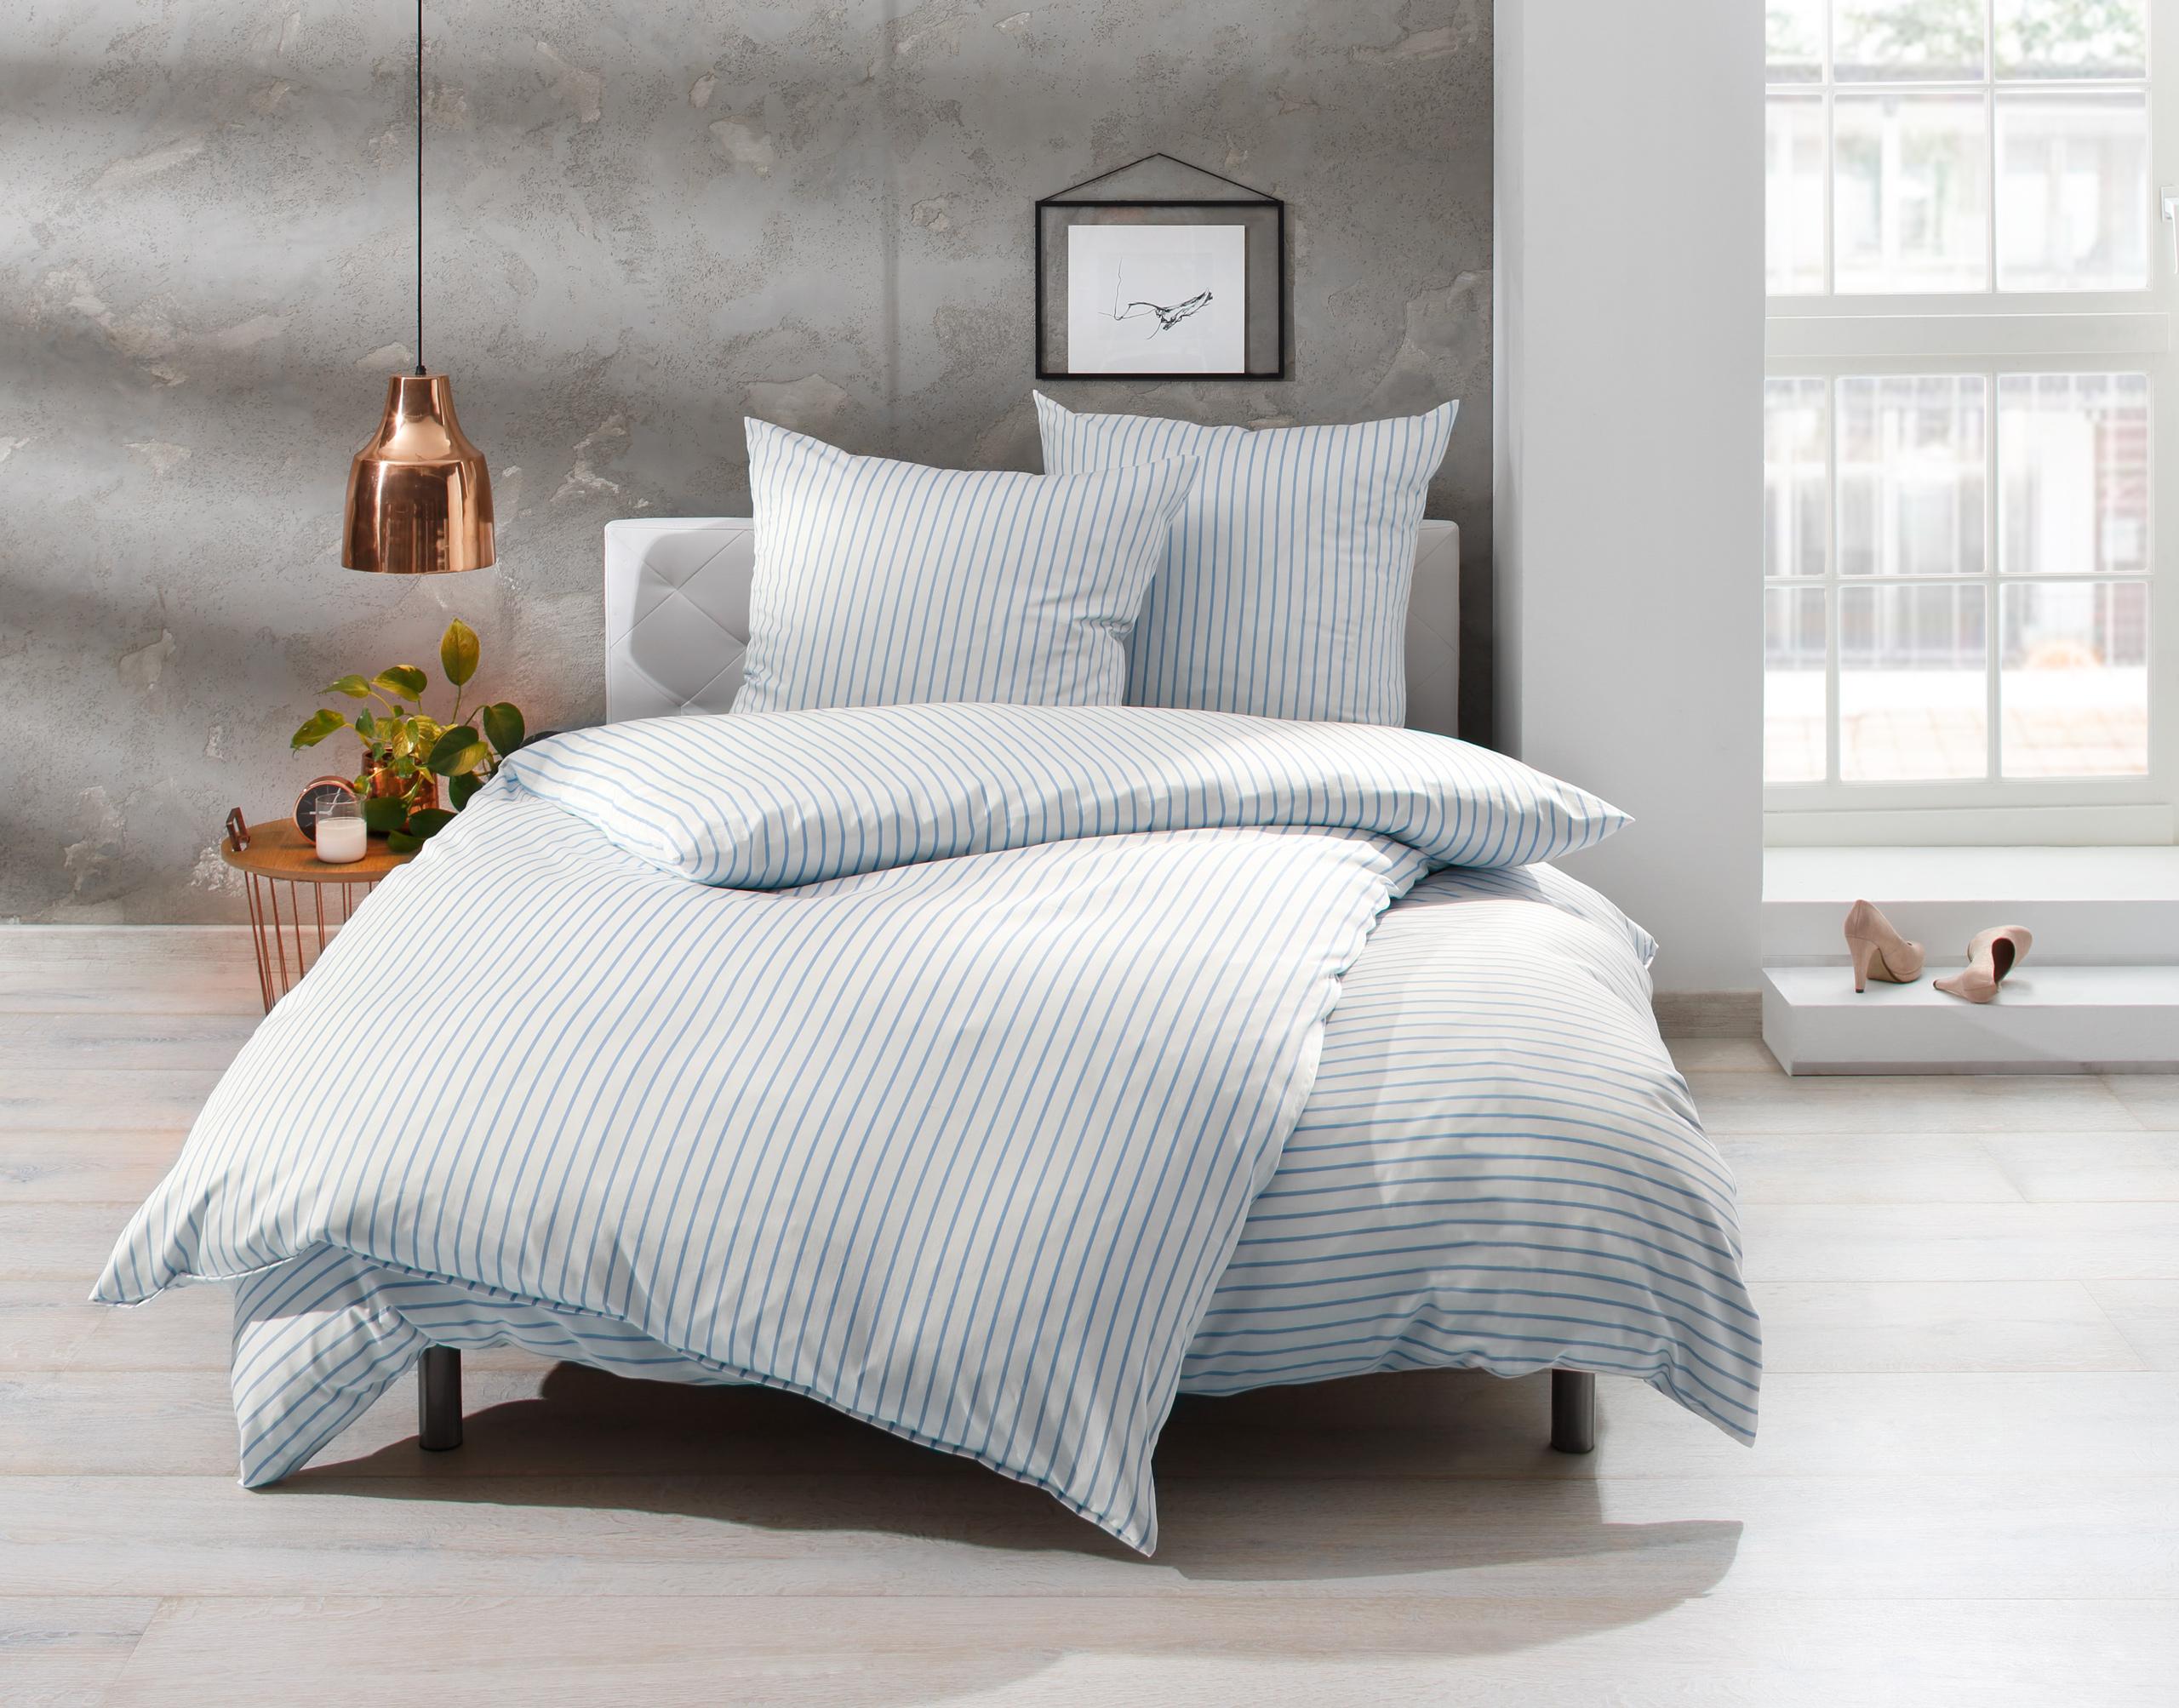 Bettwäsche 200x220 in hellblau/weiß auf   Bettwaesche-mit-Stil